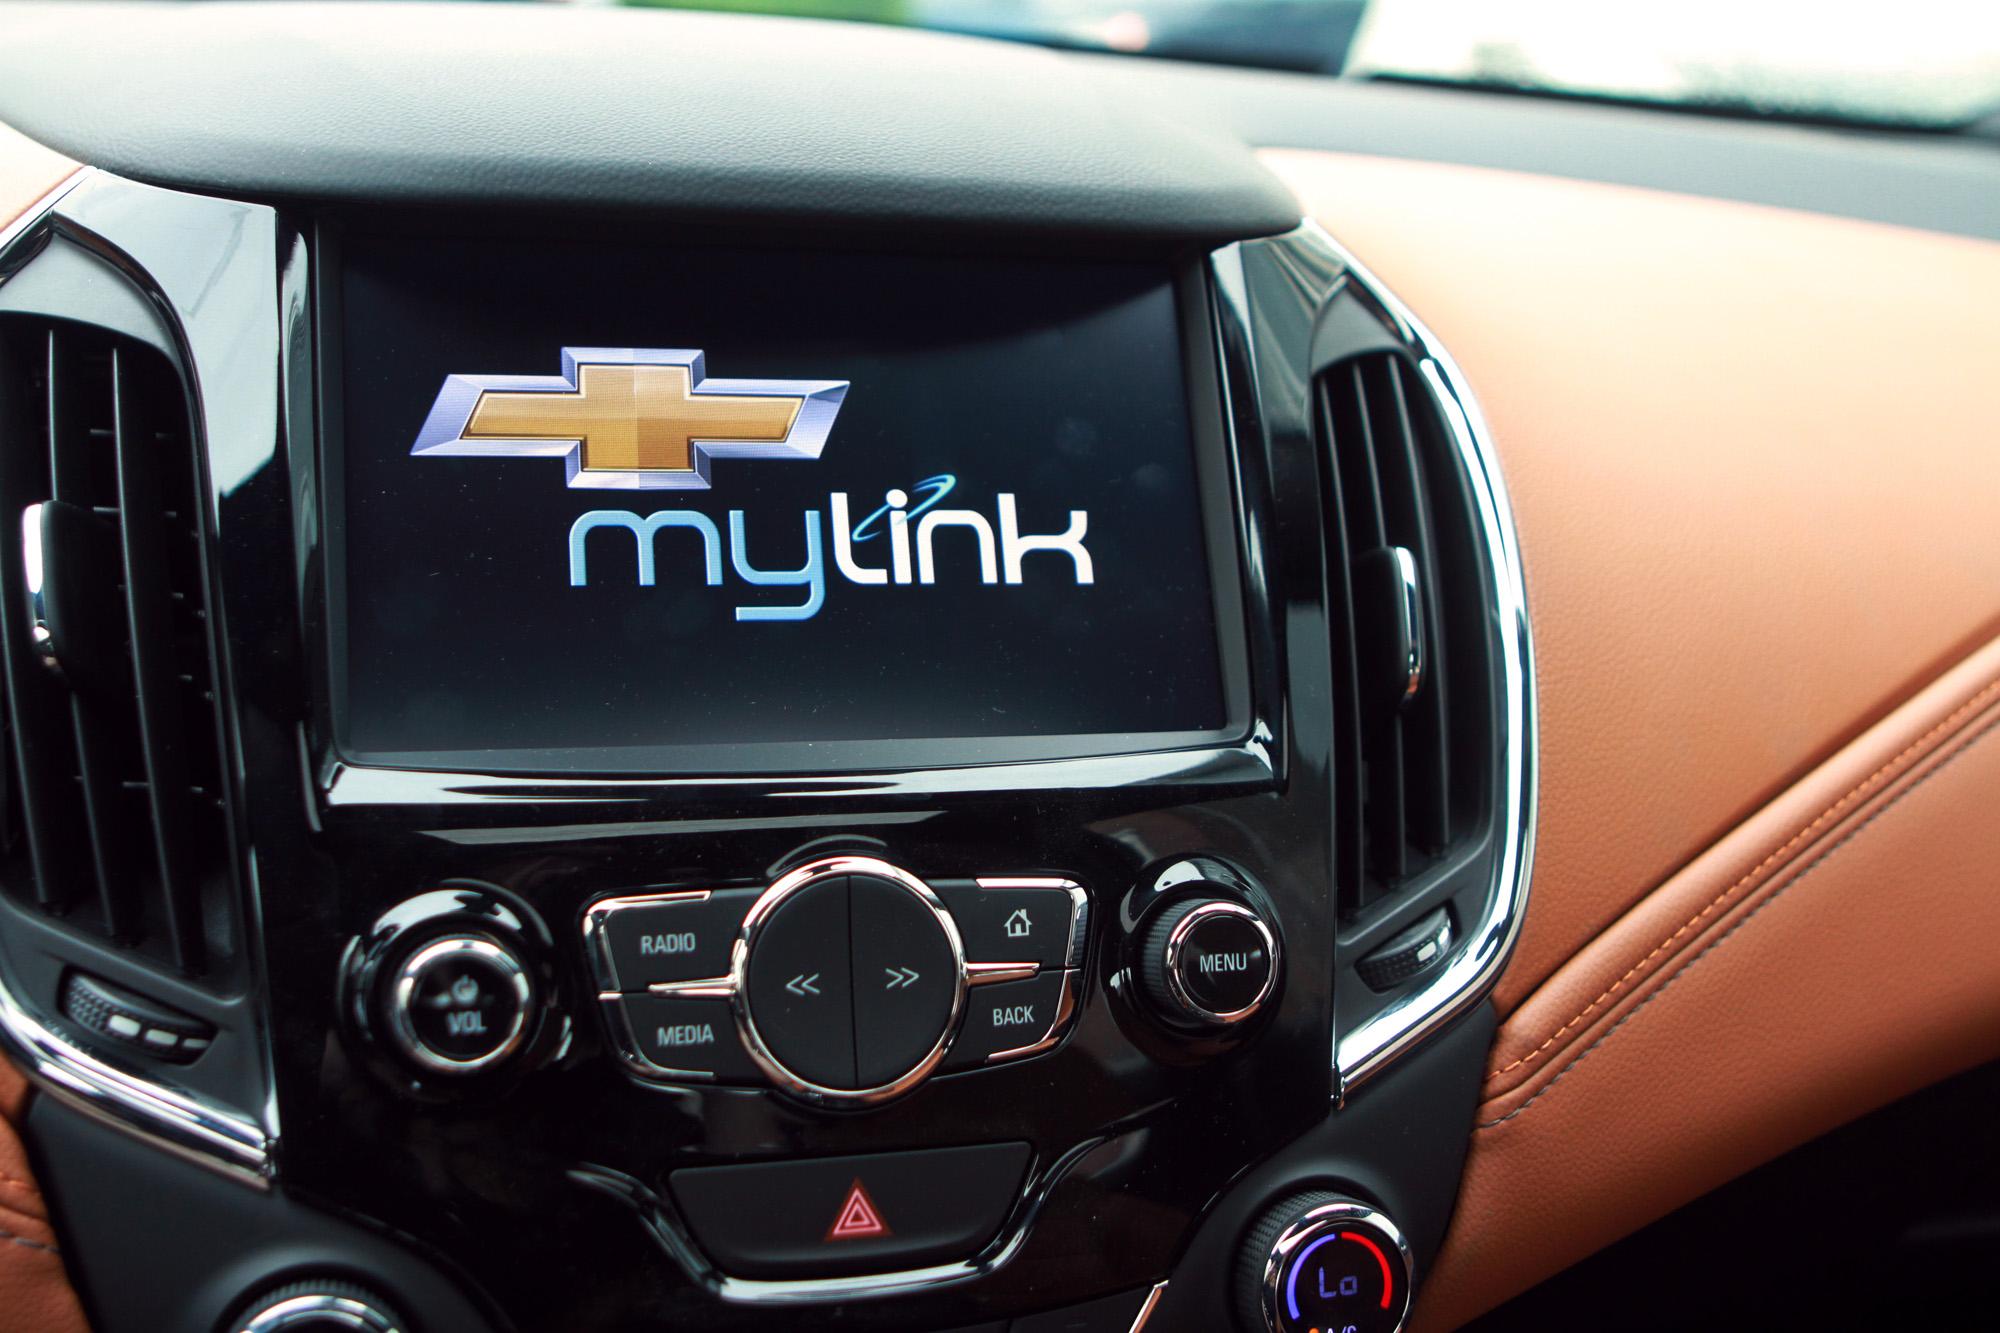 Chevrolet MyLink infotainment